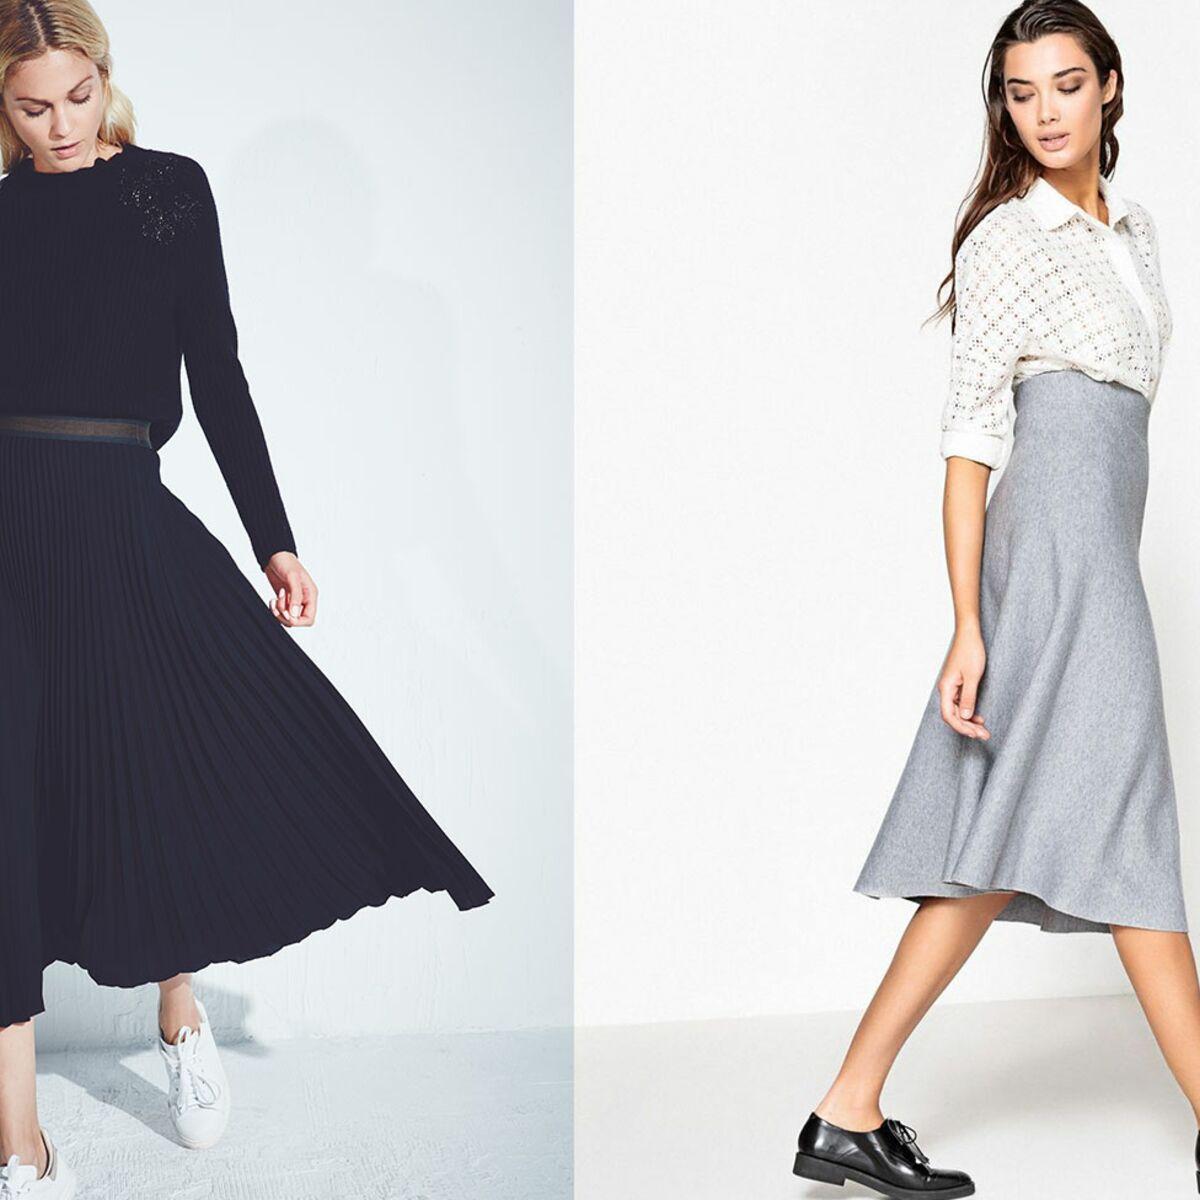 Jupe longue : 20 modèles au top à shopper rapidement : Femme